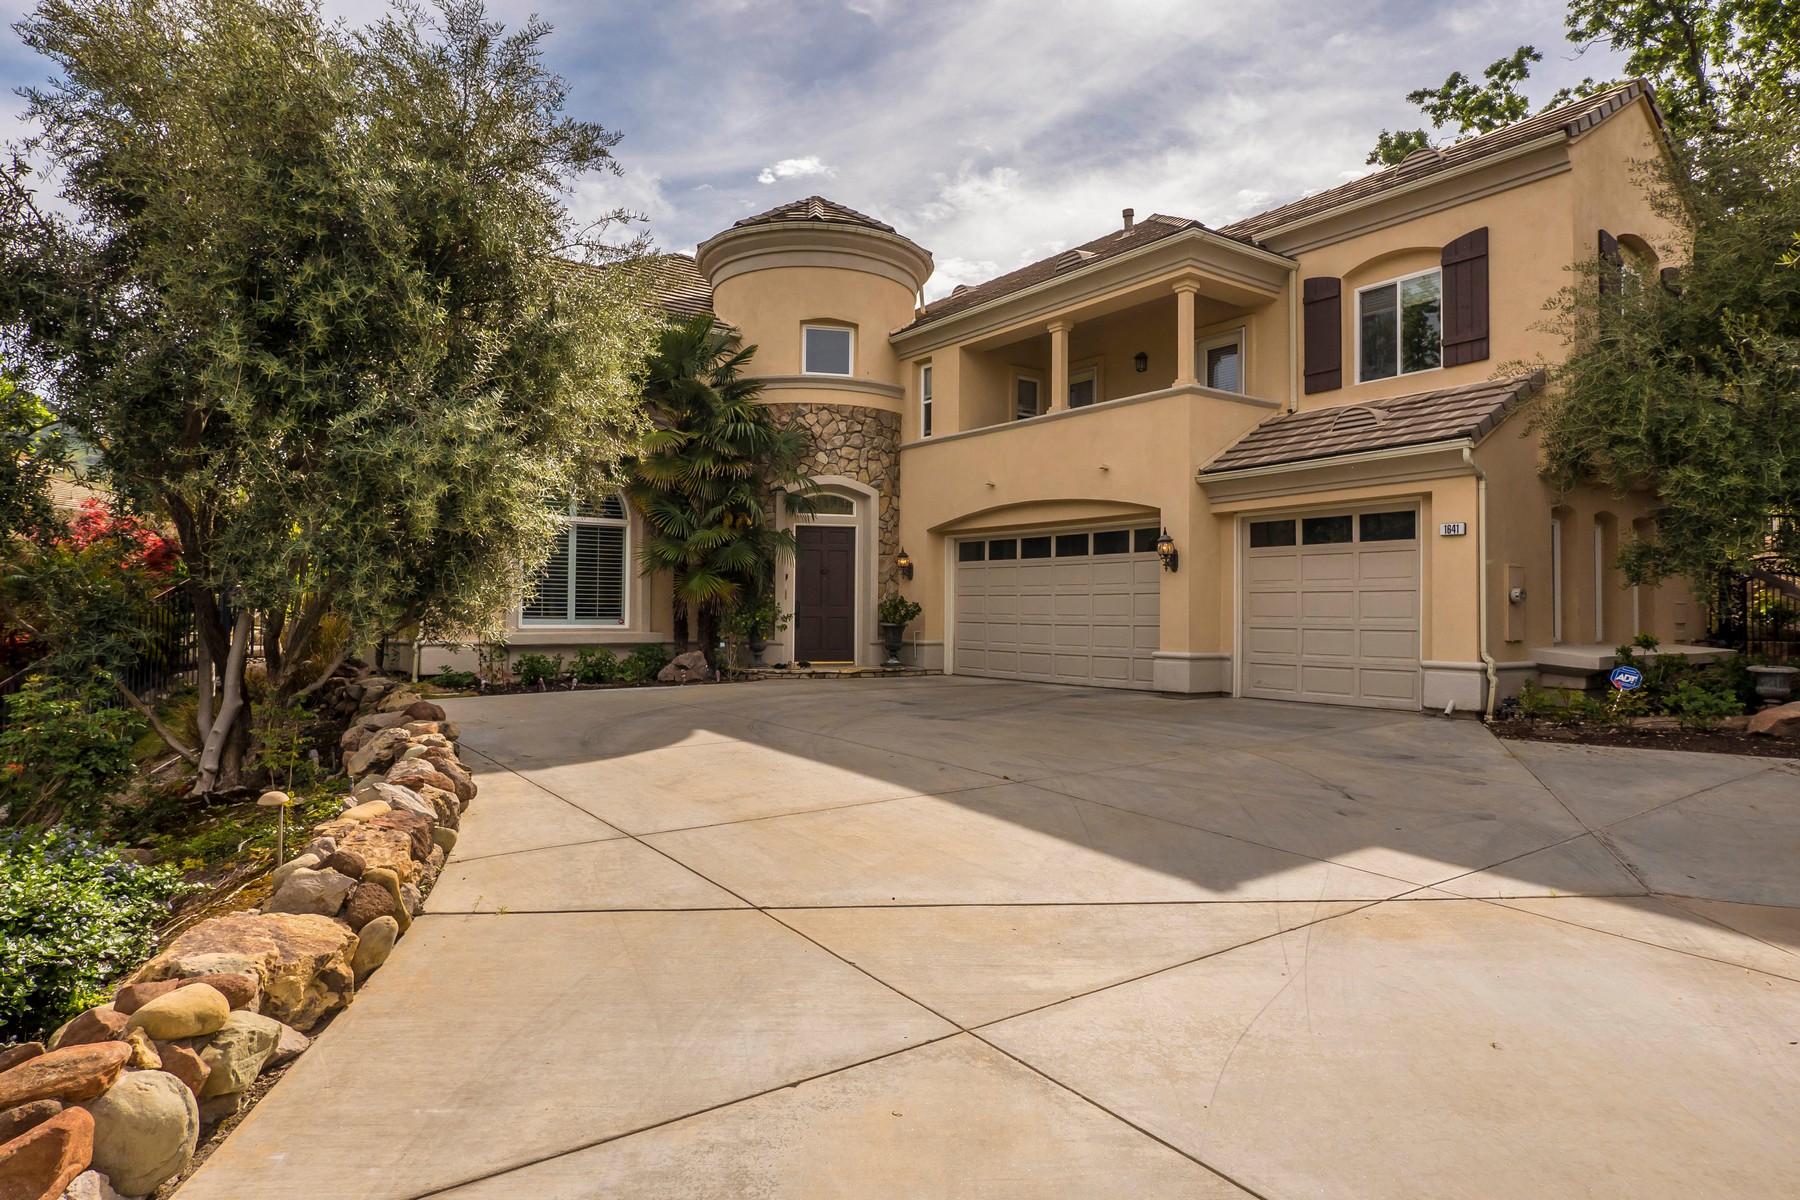 Частный односемейный дом для того Продажа на Vista Oaks Way 1641 Vista Oaks Way Westlake Village, Калифорния, 91361 Соединенные Штаты